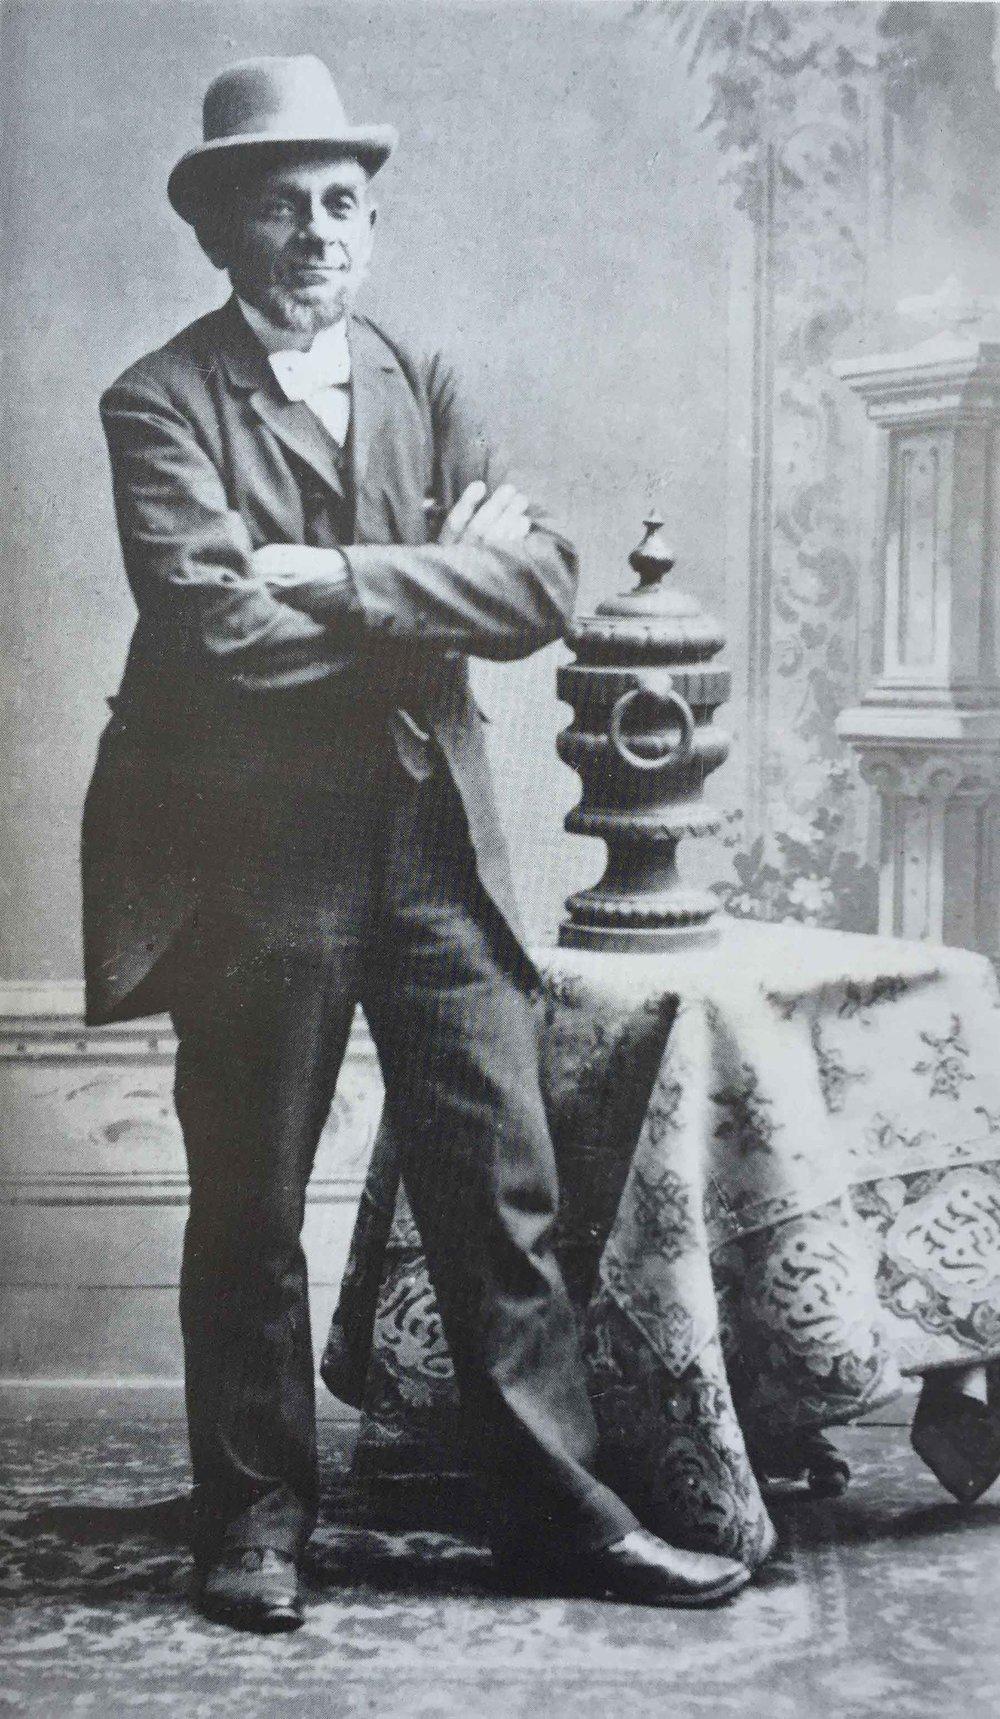 """1838Axel Broström - Axel Broström föds i Kristinehamn år 1838. 1865 inköper han sitt första fartyg – galeasen """"Mathilda"""". 1867 gör Axel sin första resa till Göteborg som skeppare på nyinköpta slupen """"Elise""""."""